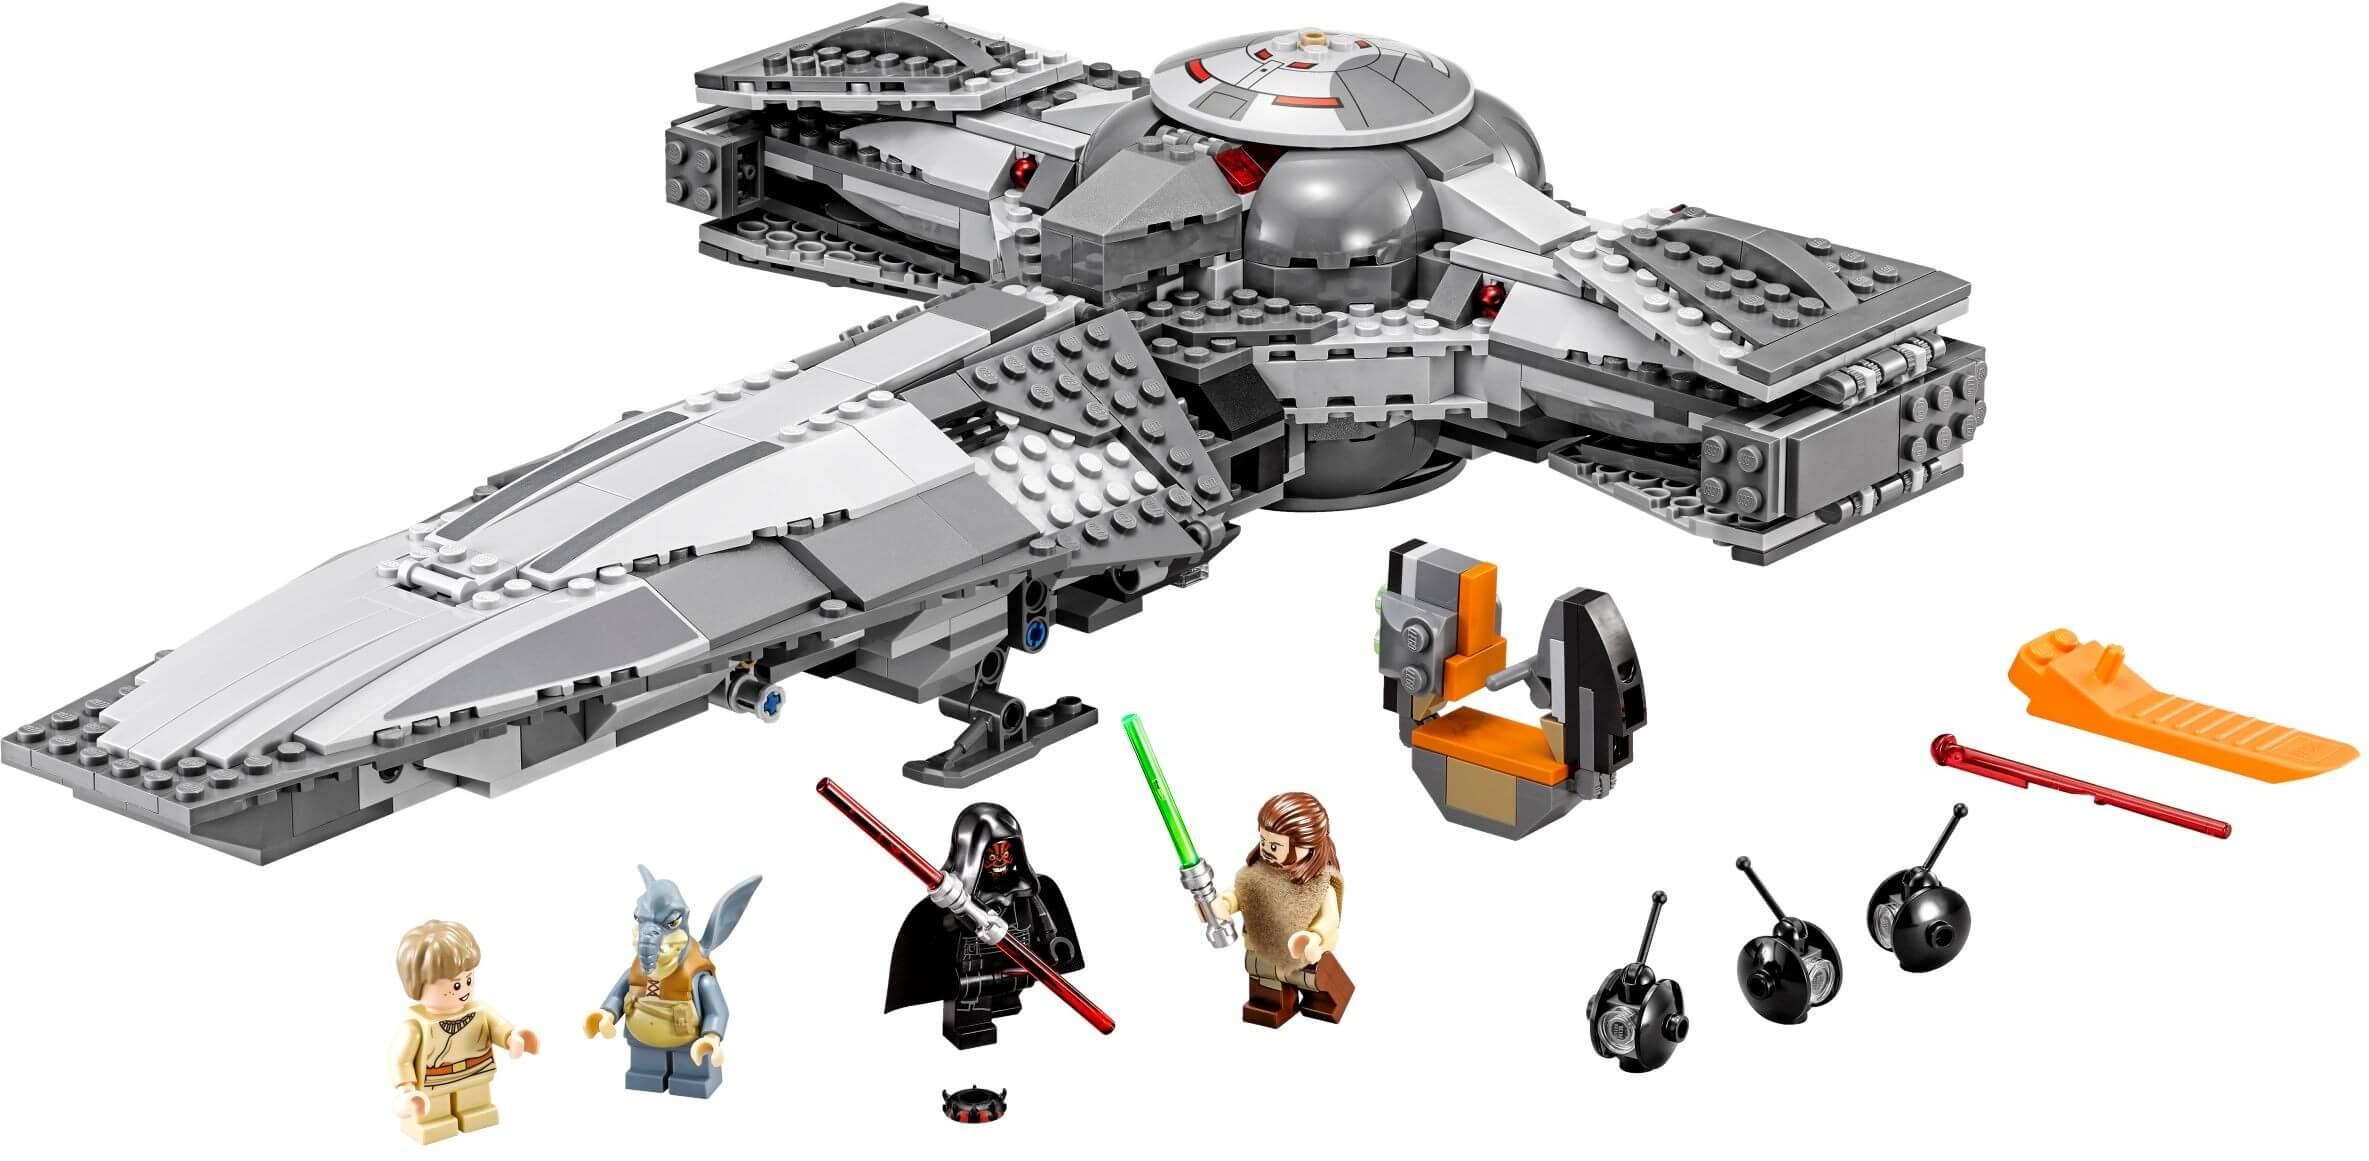 Mua đồ chơi LEGO 75096 - LEGO Star Wars 75096 - Phi Thuyền của Darth Maul (LEGO Star Wars Sith Infiltrator 75096)